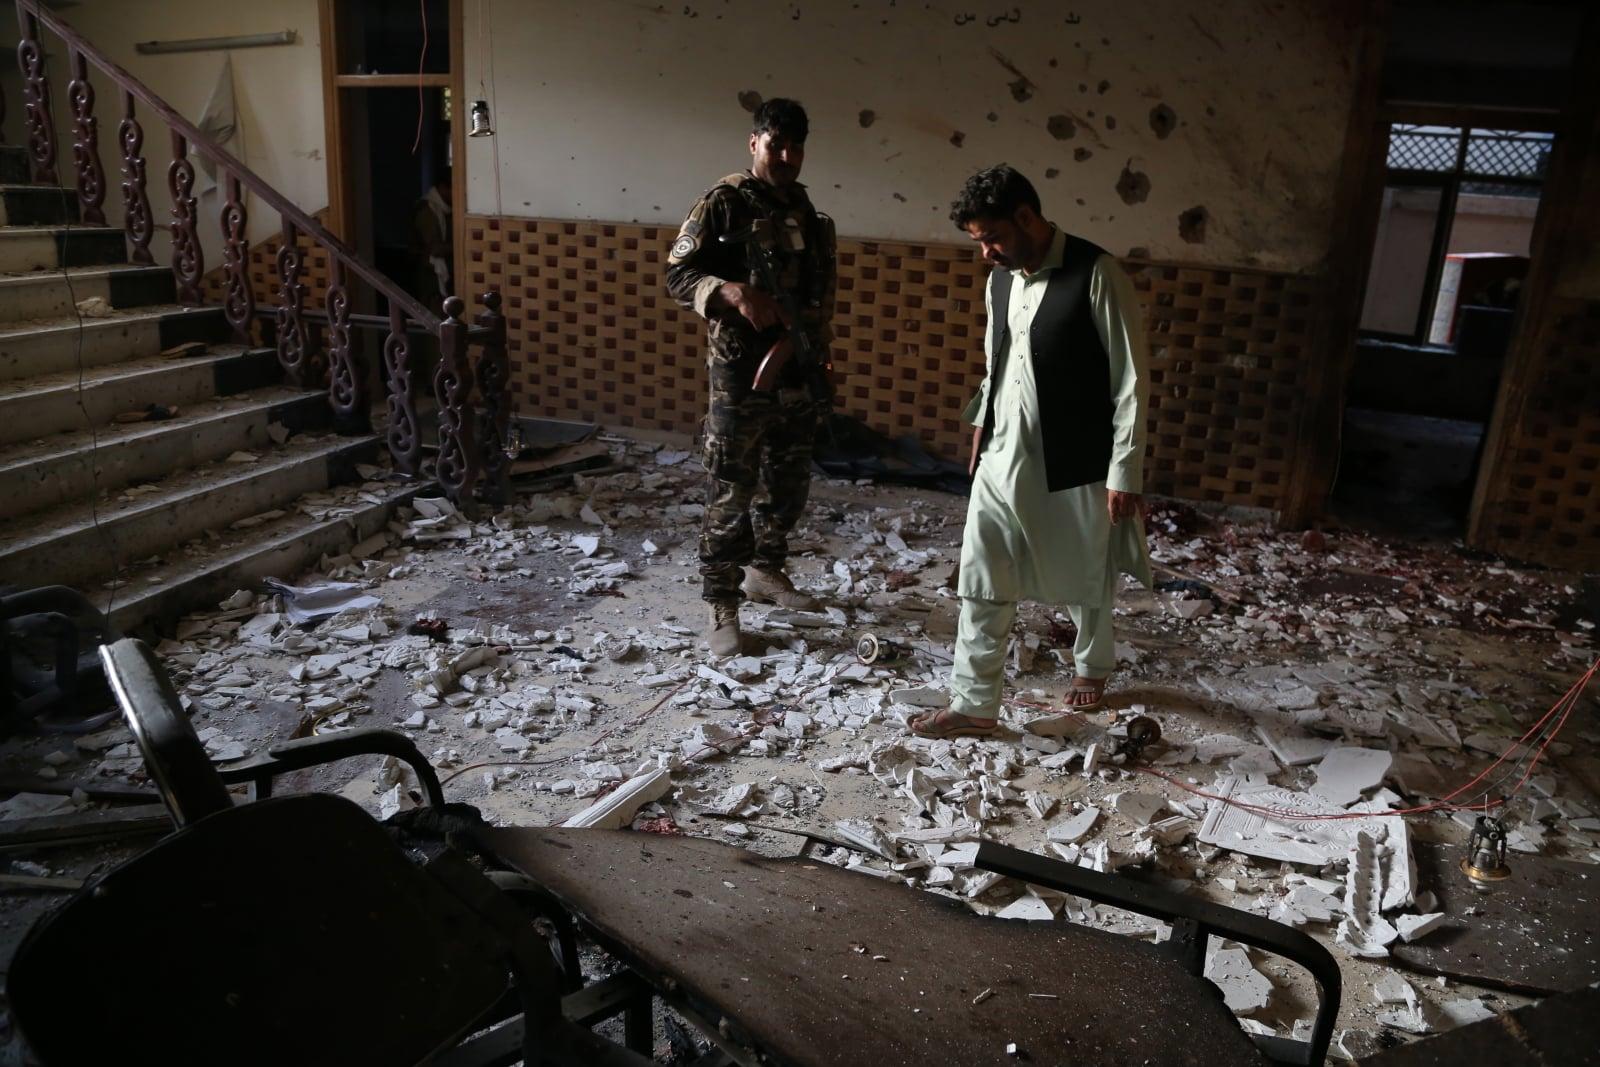 Afgańscy urzędnicy bezpieczeństwa badają miejsce ataku podejrzanych bojowników w Dżalalabadzie w Afganistanie, którzy zaatakowali centrum szkolenia w Dżalalabadzie, zabijając dwie osoby i raniąc siedmiu innych, fot. EPA / GHULAMULLAH HABIBI